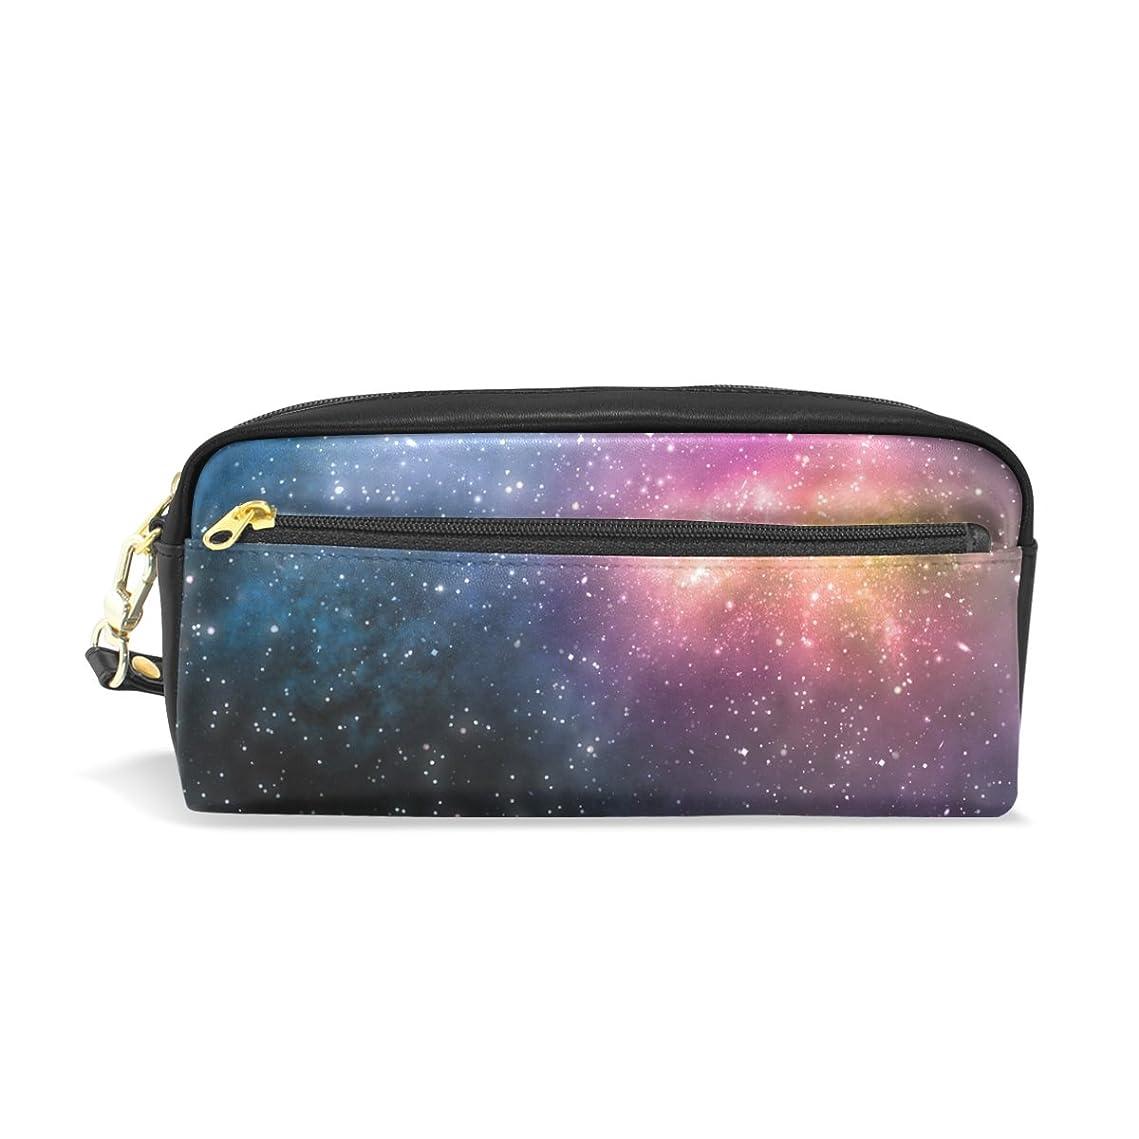 ボット支給アーティファクトAOMOKI ペンケース 化粧ポーチ 小物入り 多機能バッグ レディース 夜空 星空 銀河 惑星